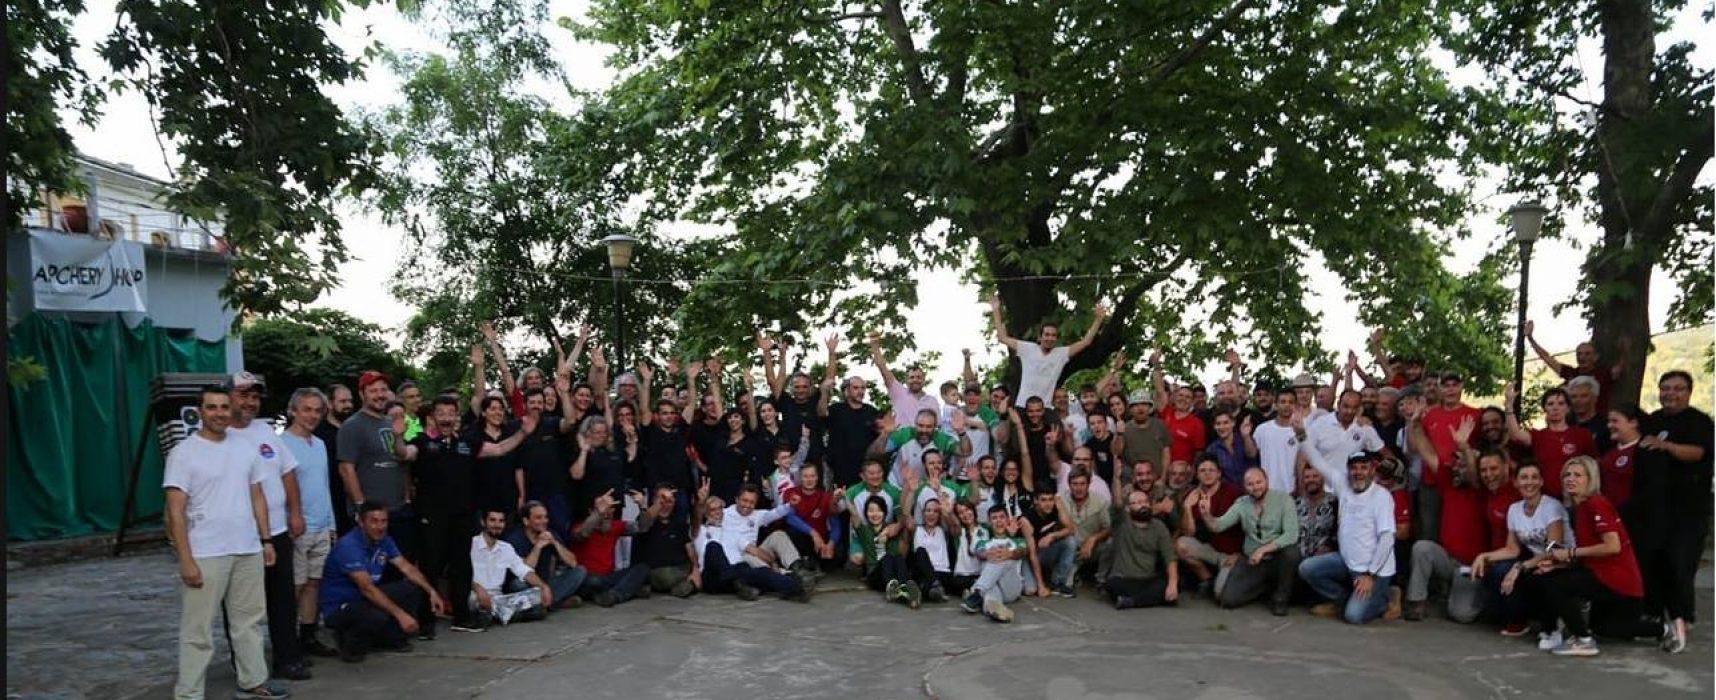 """Αποτελέσματα αγώνα Τοξοβολίας Πεδίου, """"TFG Κένταυρος 2018"""", Πήλιο, 27/5/18"""